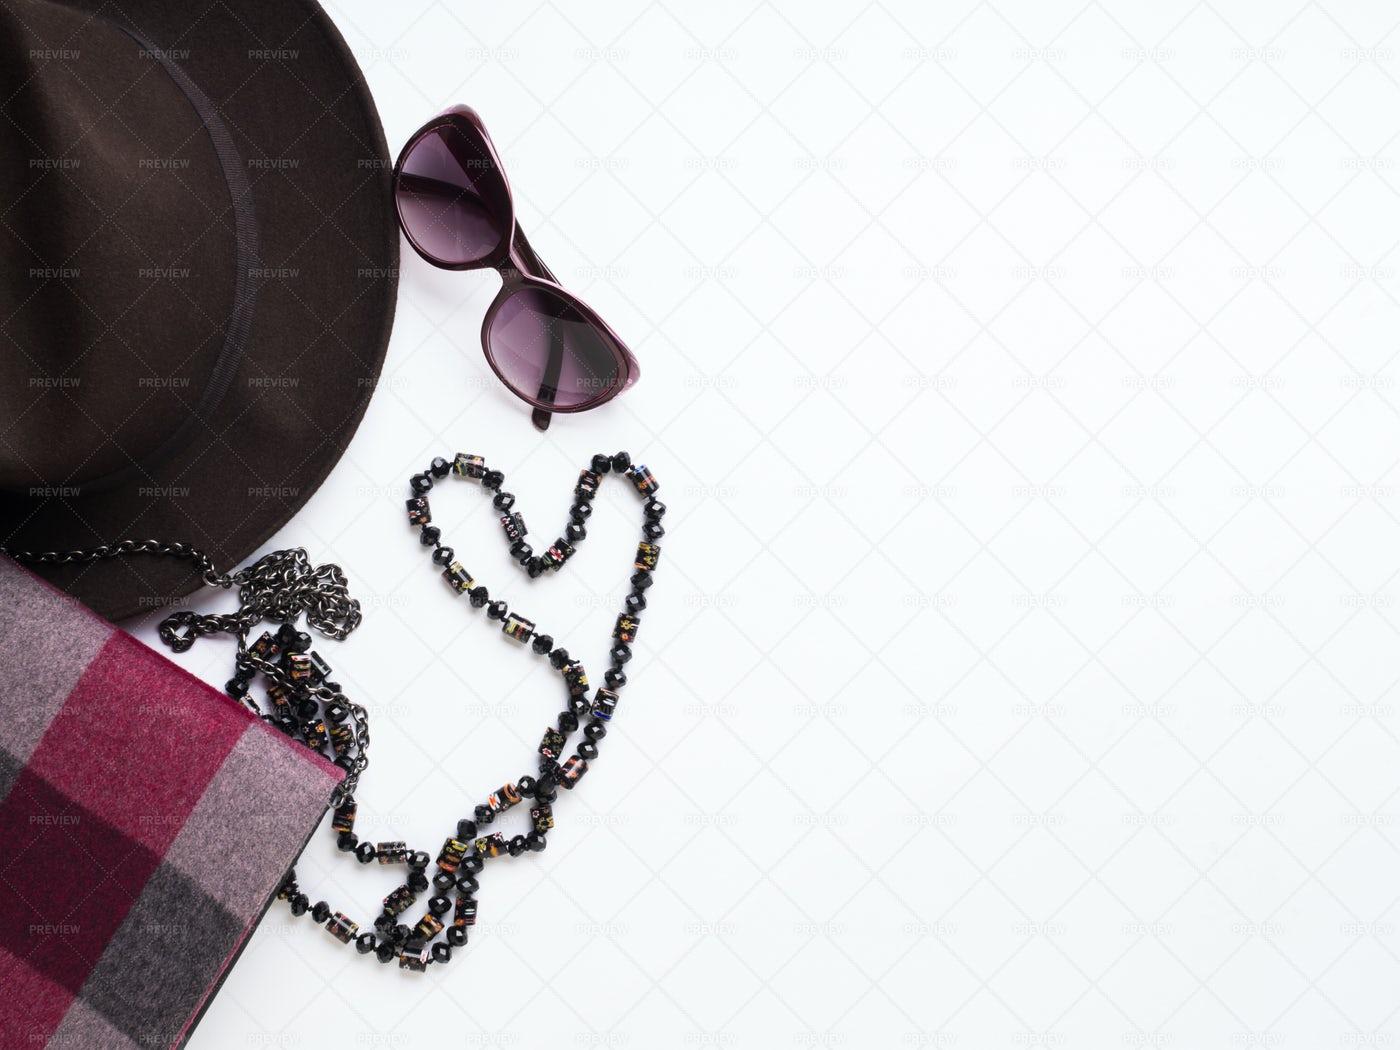 Autumn Fashion Accessories: Stock Photos